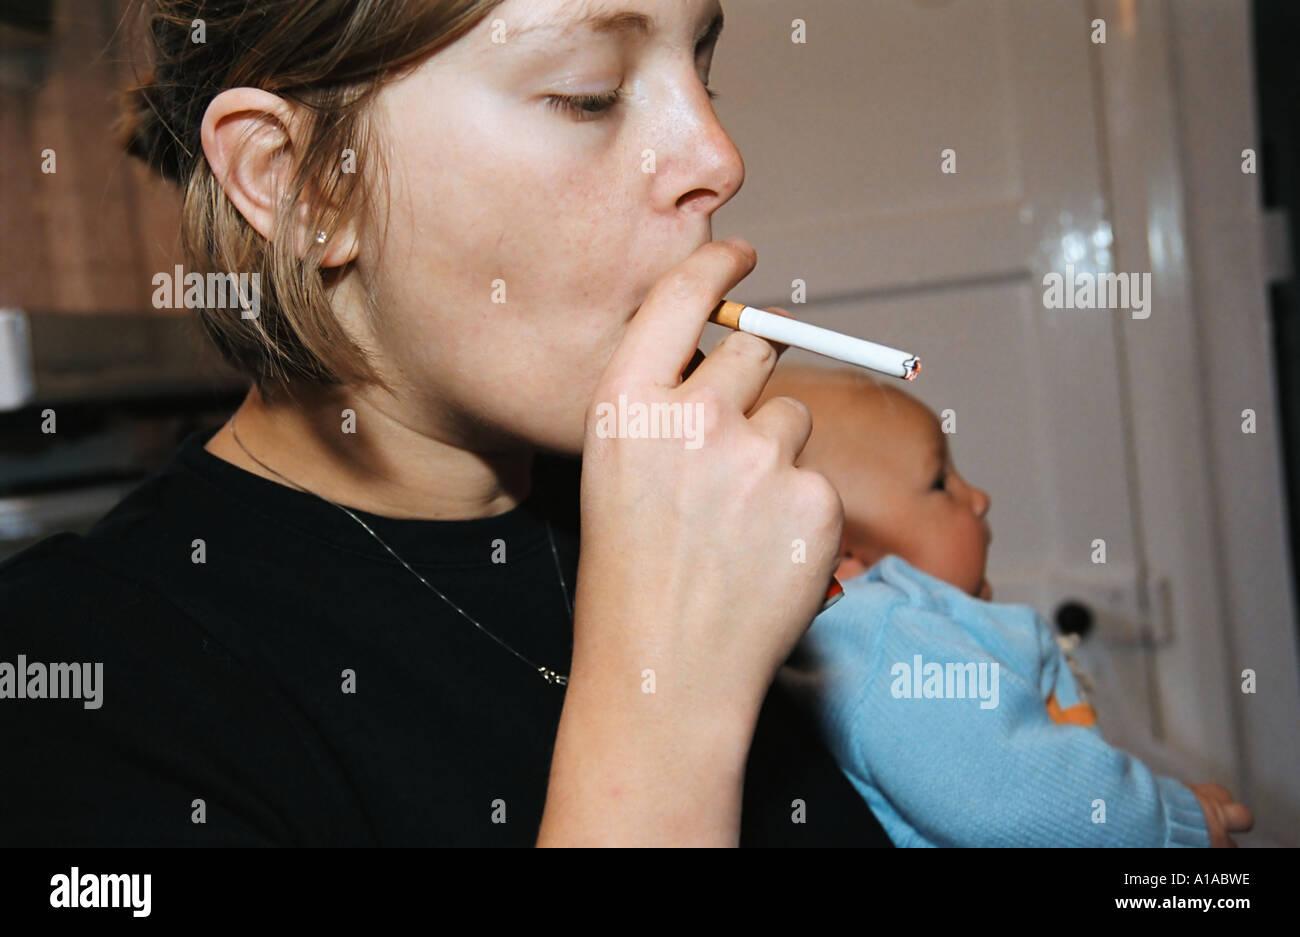 Woman smoking in kitchen - Stock Image